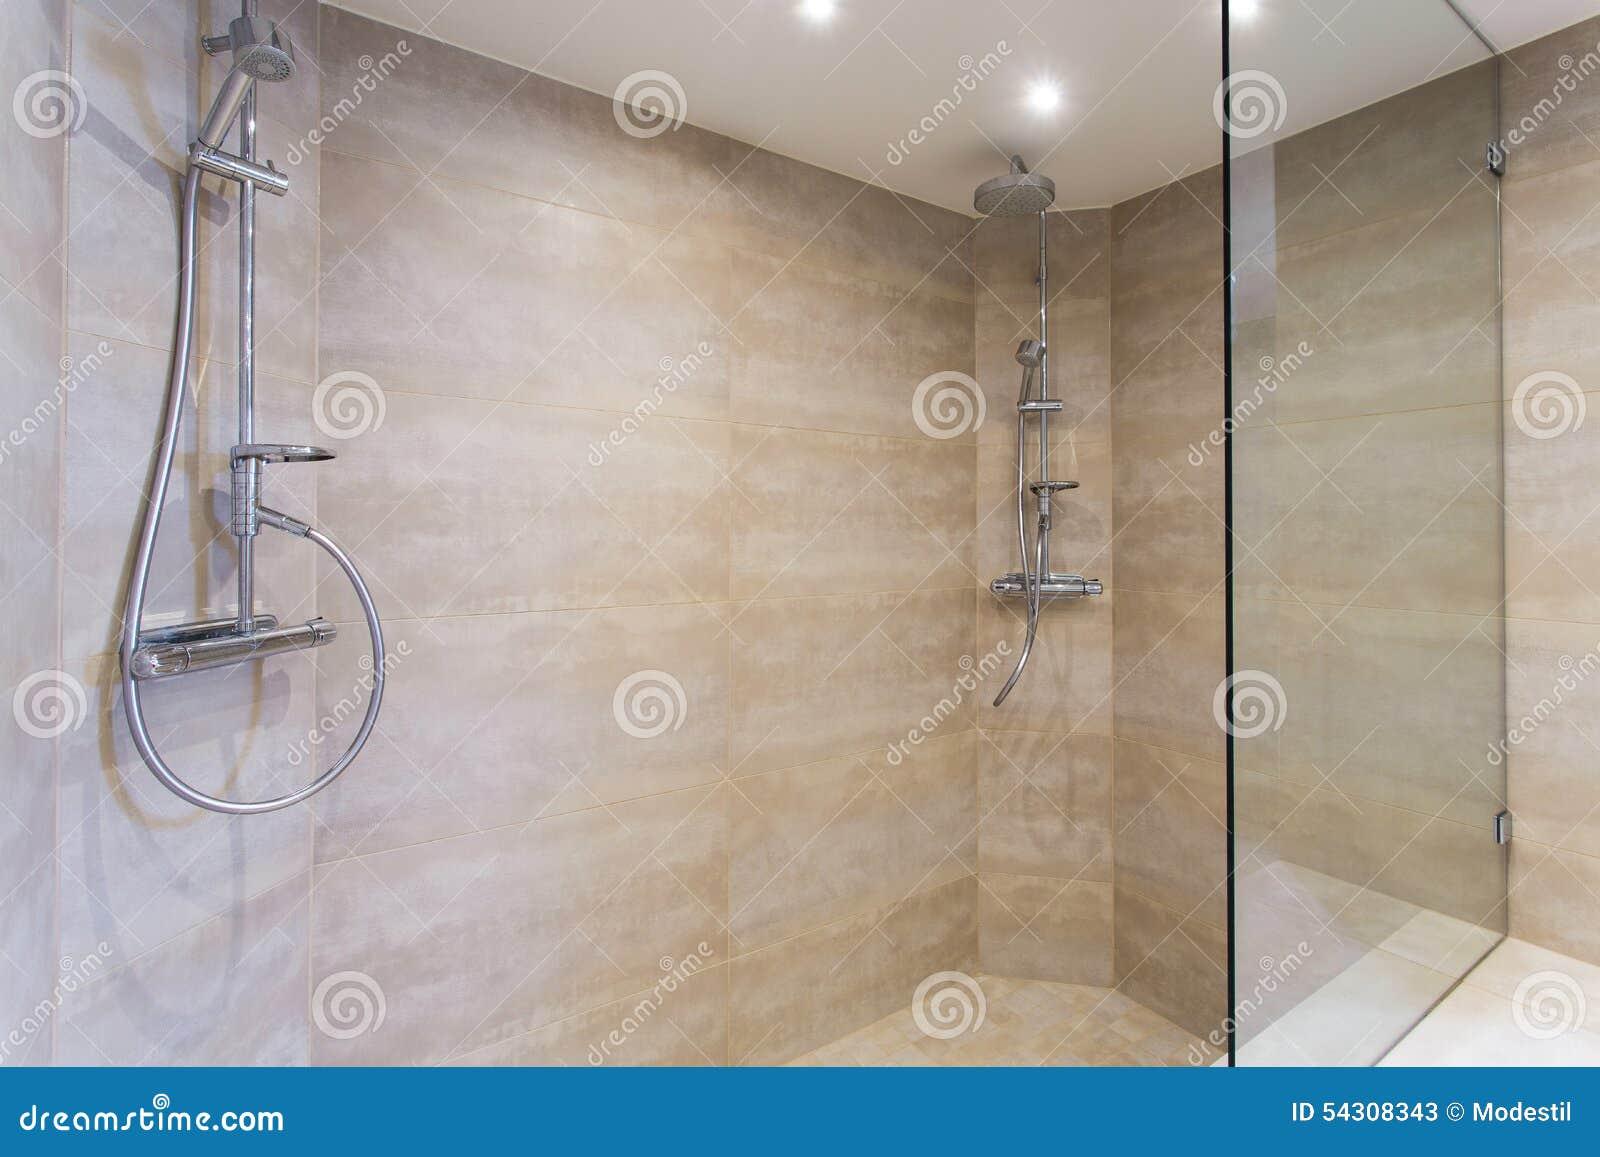 moderne dusche stockbild bild von sauber hahn architektur 54308343. Black Bedroom Furniture Sets. Home Design Ideas